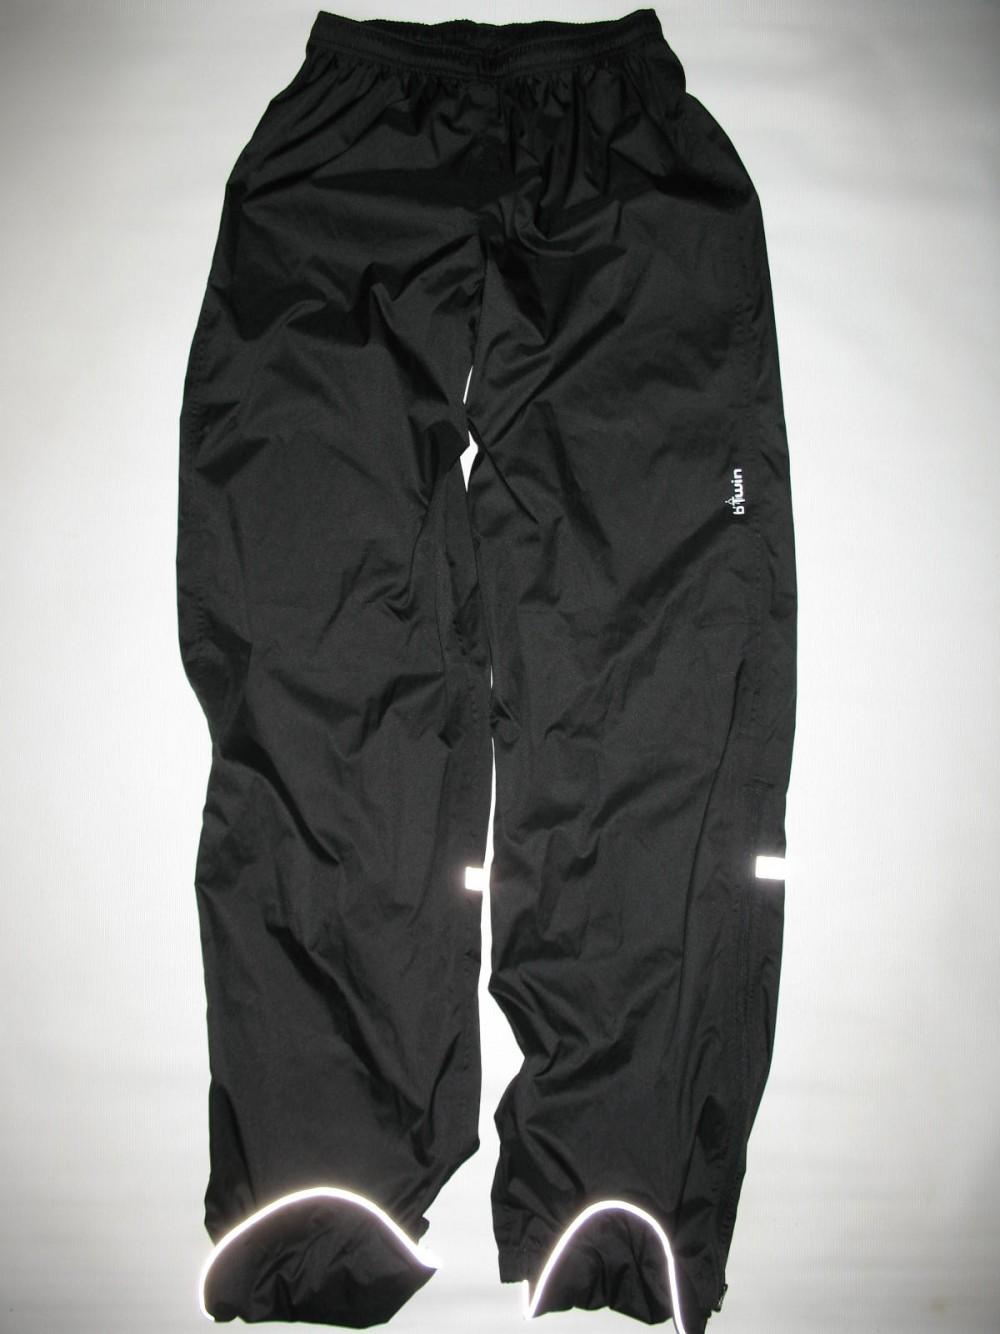 Штаны B'TWIN cycling rain pants (размер M) - 2